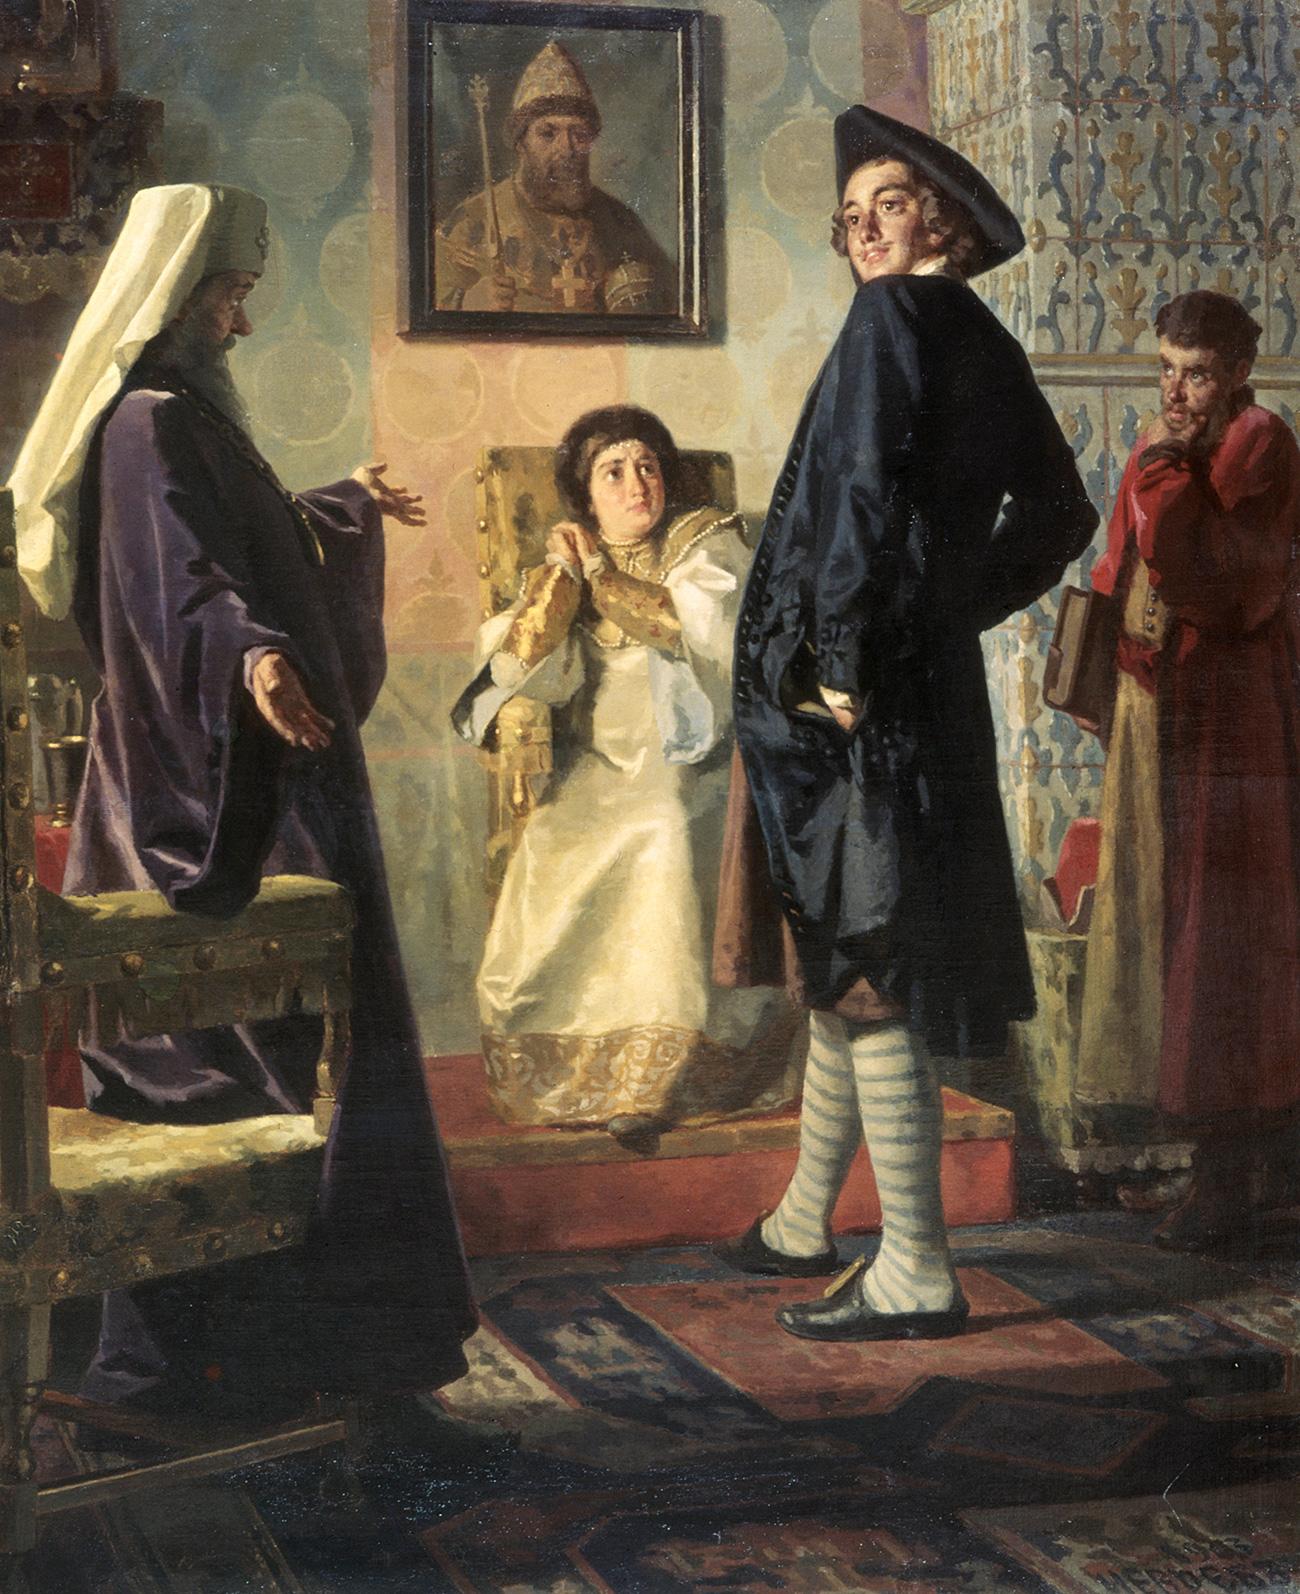 Петар I у европској одећи. Ставропољски музеј ликовних уметности. Извор: Global Look Press